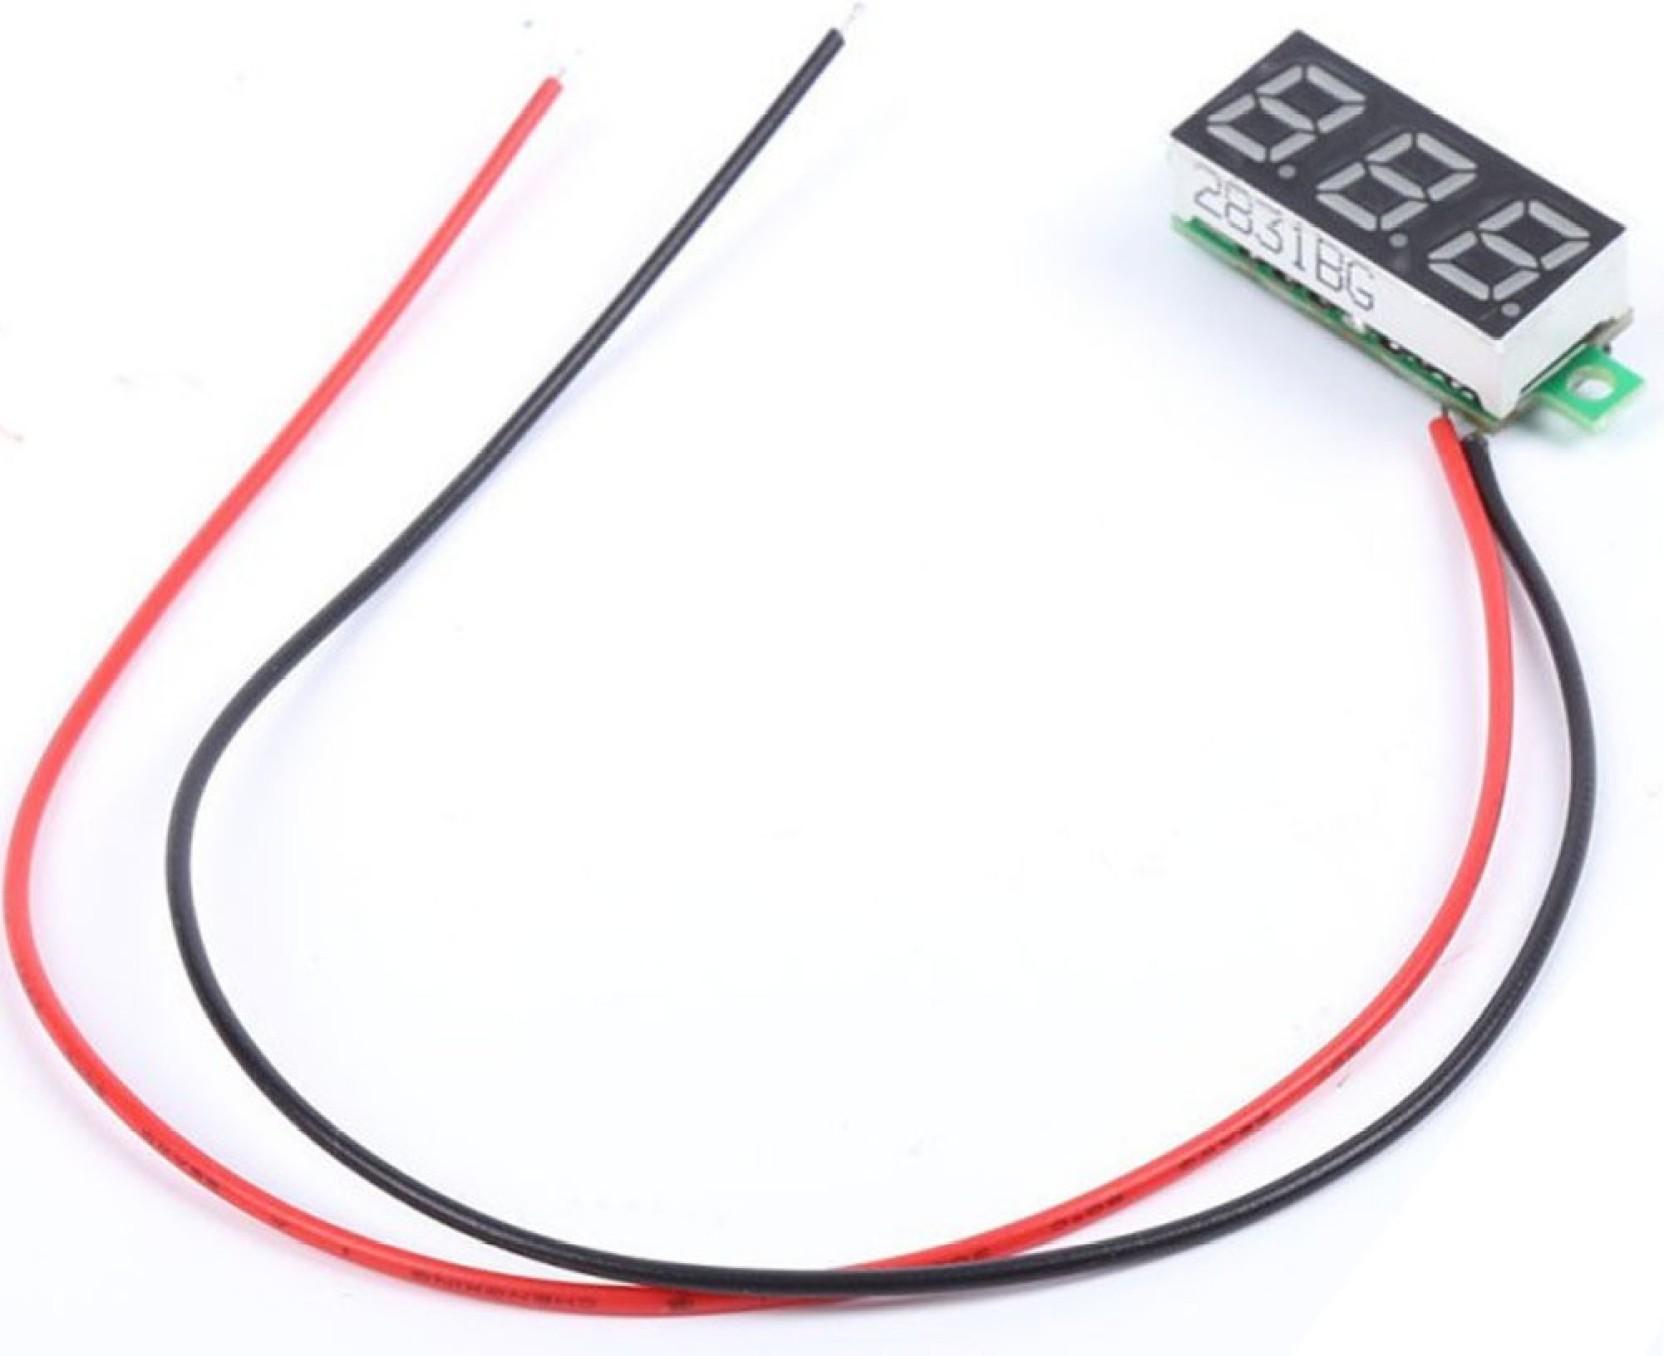 Singtronics Dc 0 30v 2 Wire Led Display Digital Diy Voltage 70 260v Ac To 180 350v Converter Add Cart